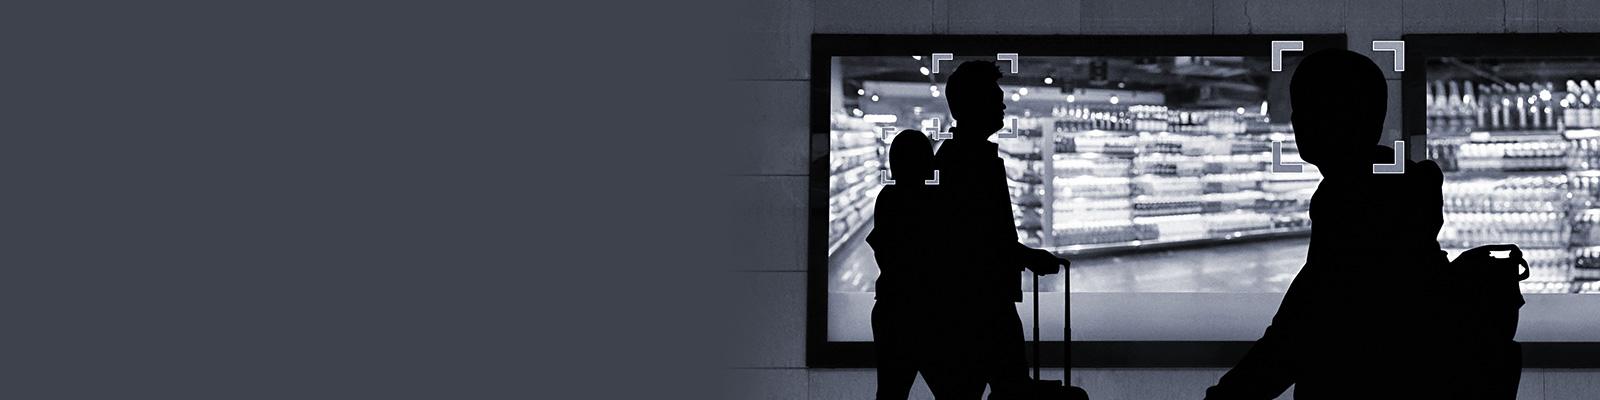 顔認識 プライバシー 商業 イメージ